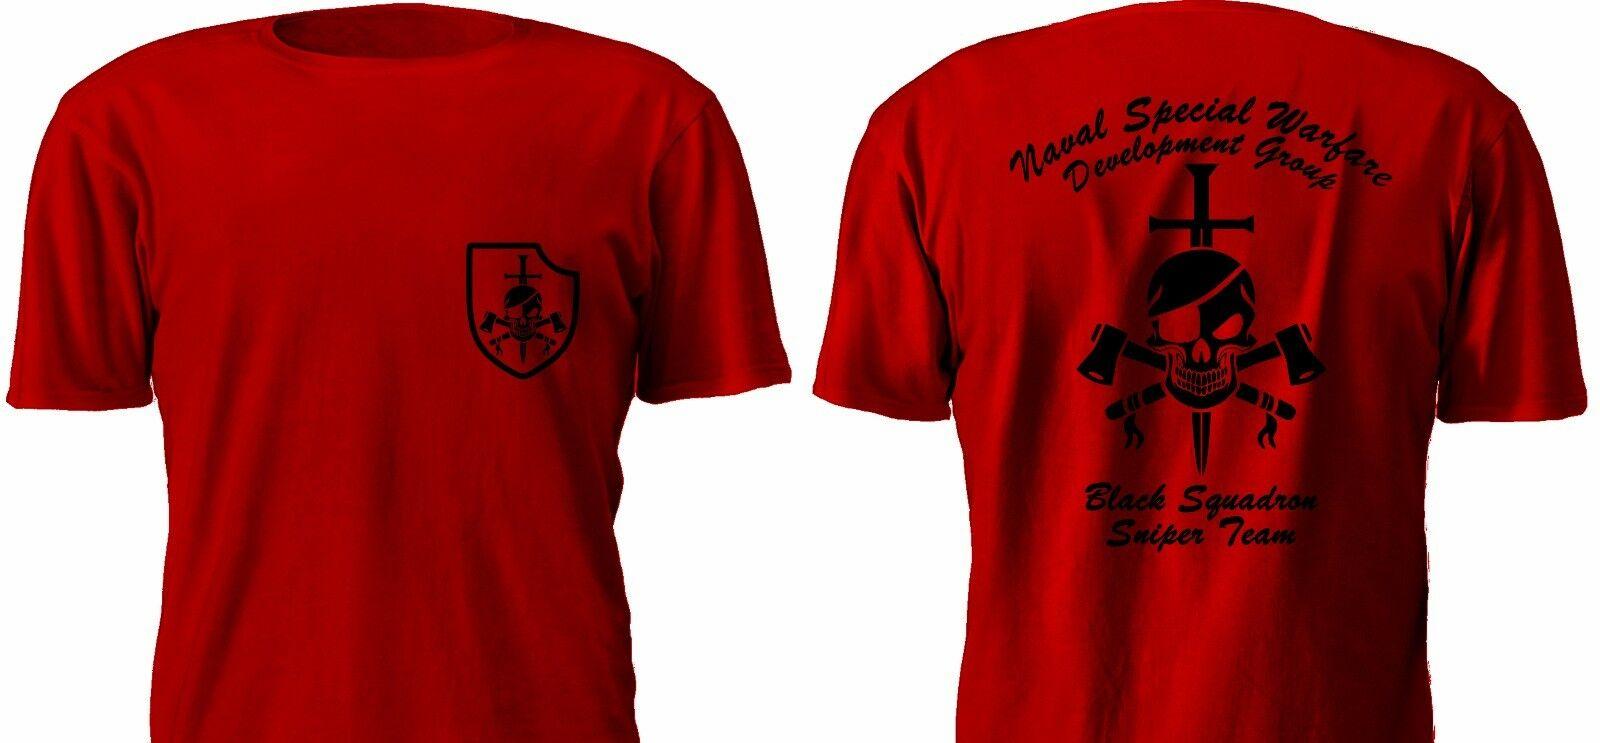 2019 divertido doble lado Nswdg Devgru Seal Equipo Six negro escuadrón EE   UU  Ejército Fuerza